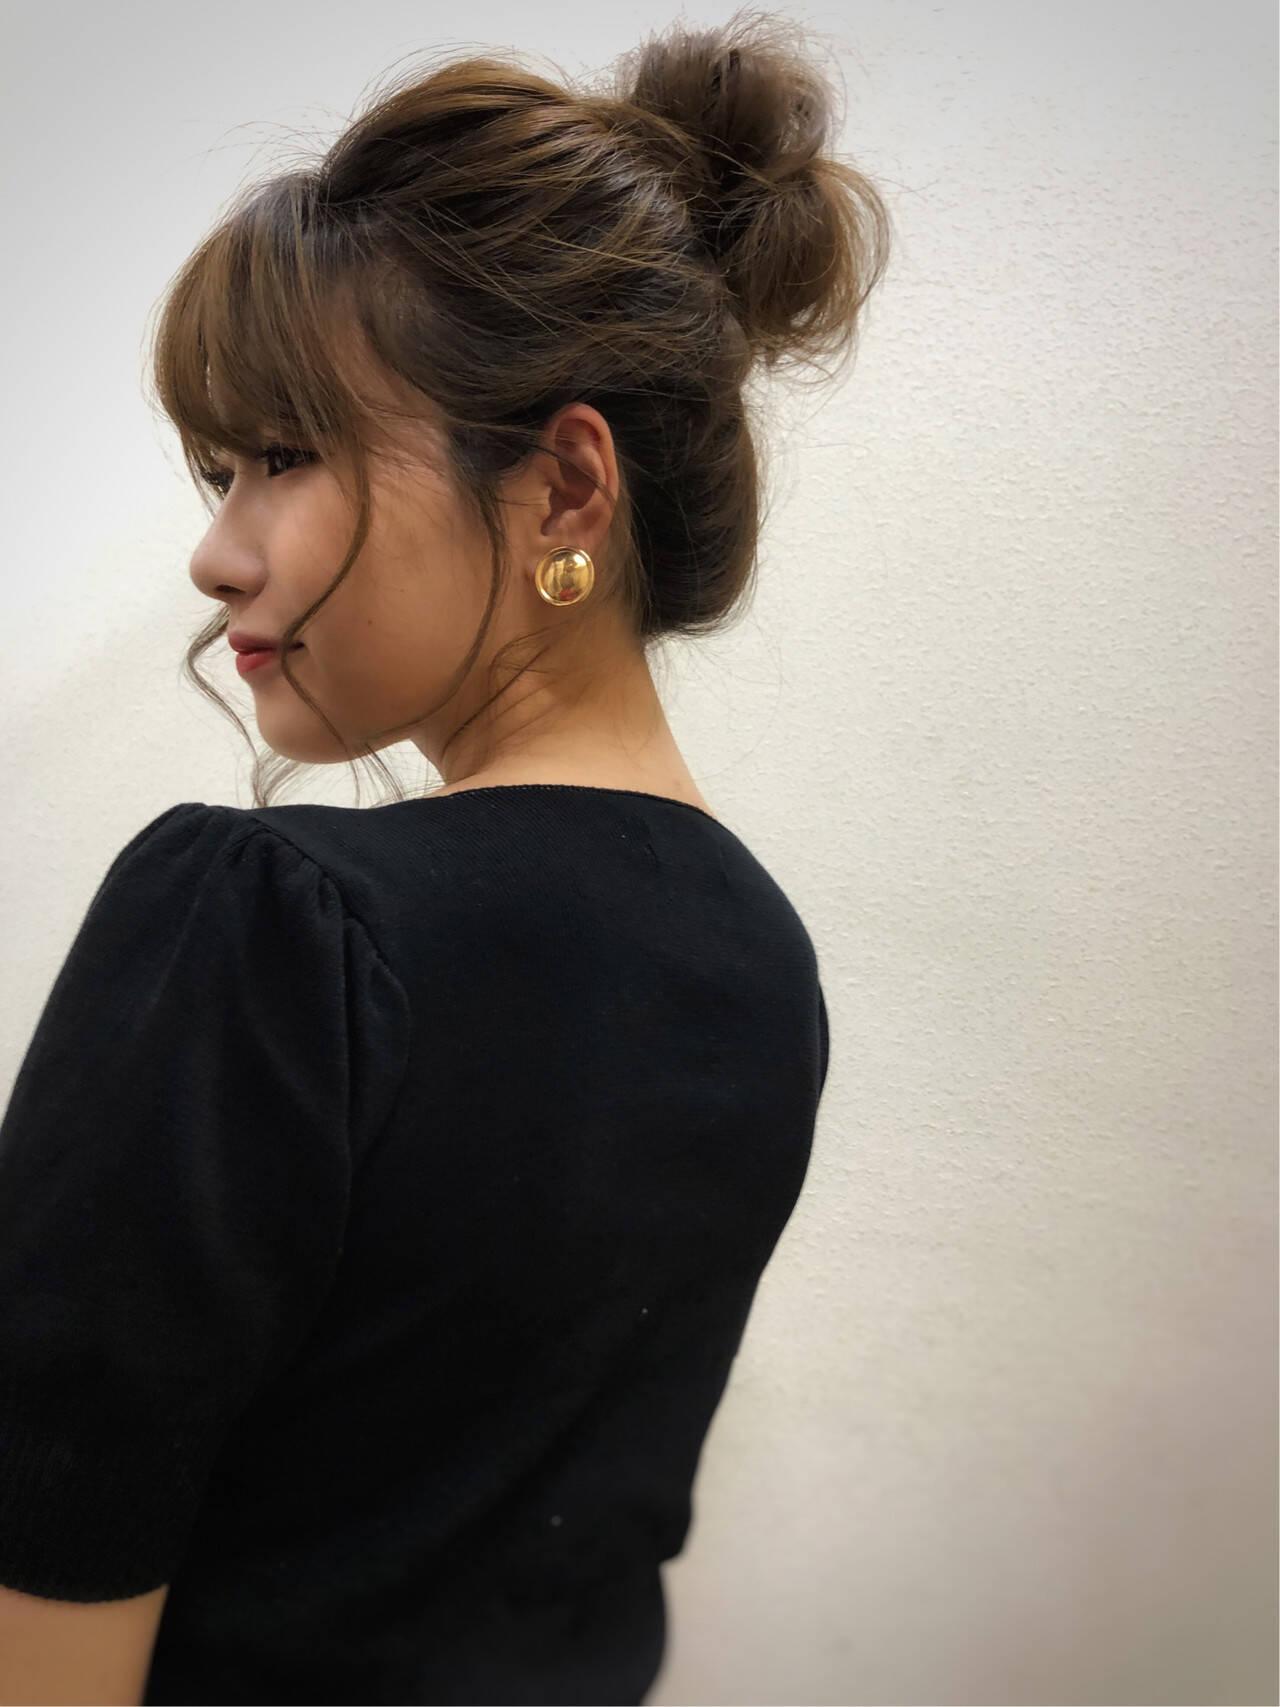 ヘアアレンジ ガーリー お団子ヘア セミロングヘアスタイルや髪型の写真・画像